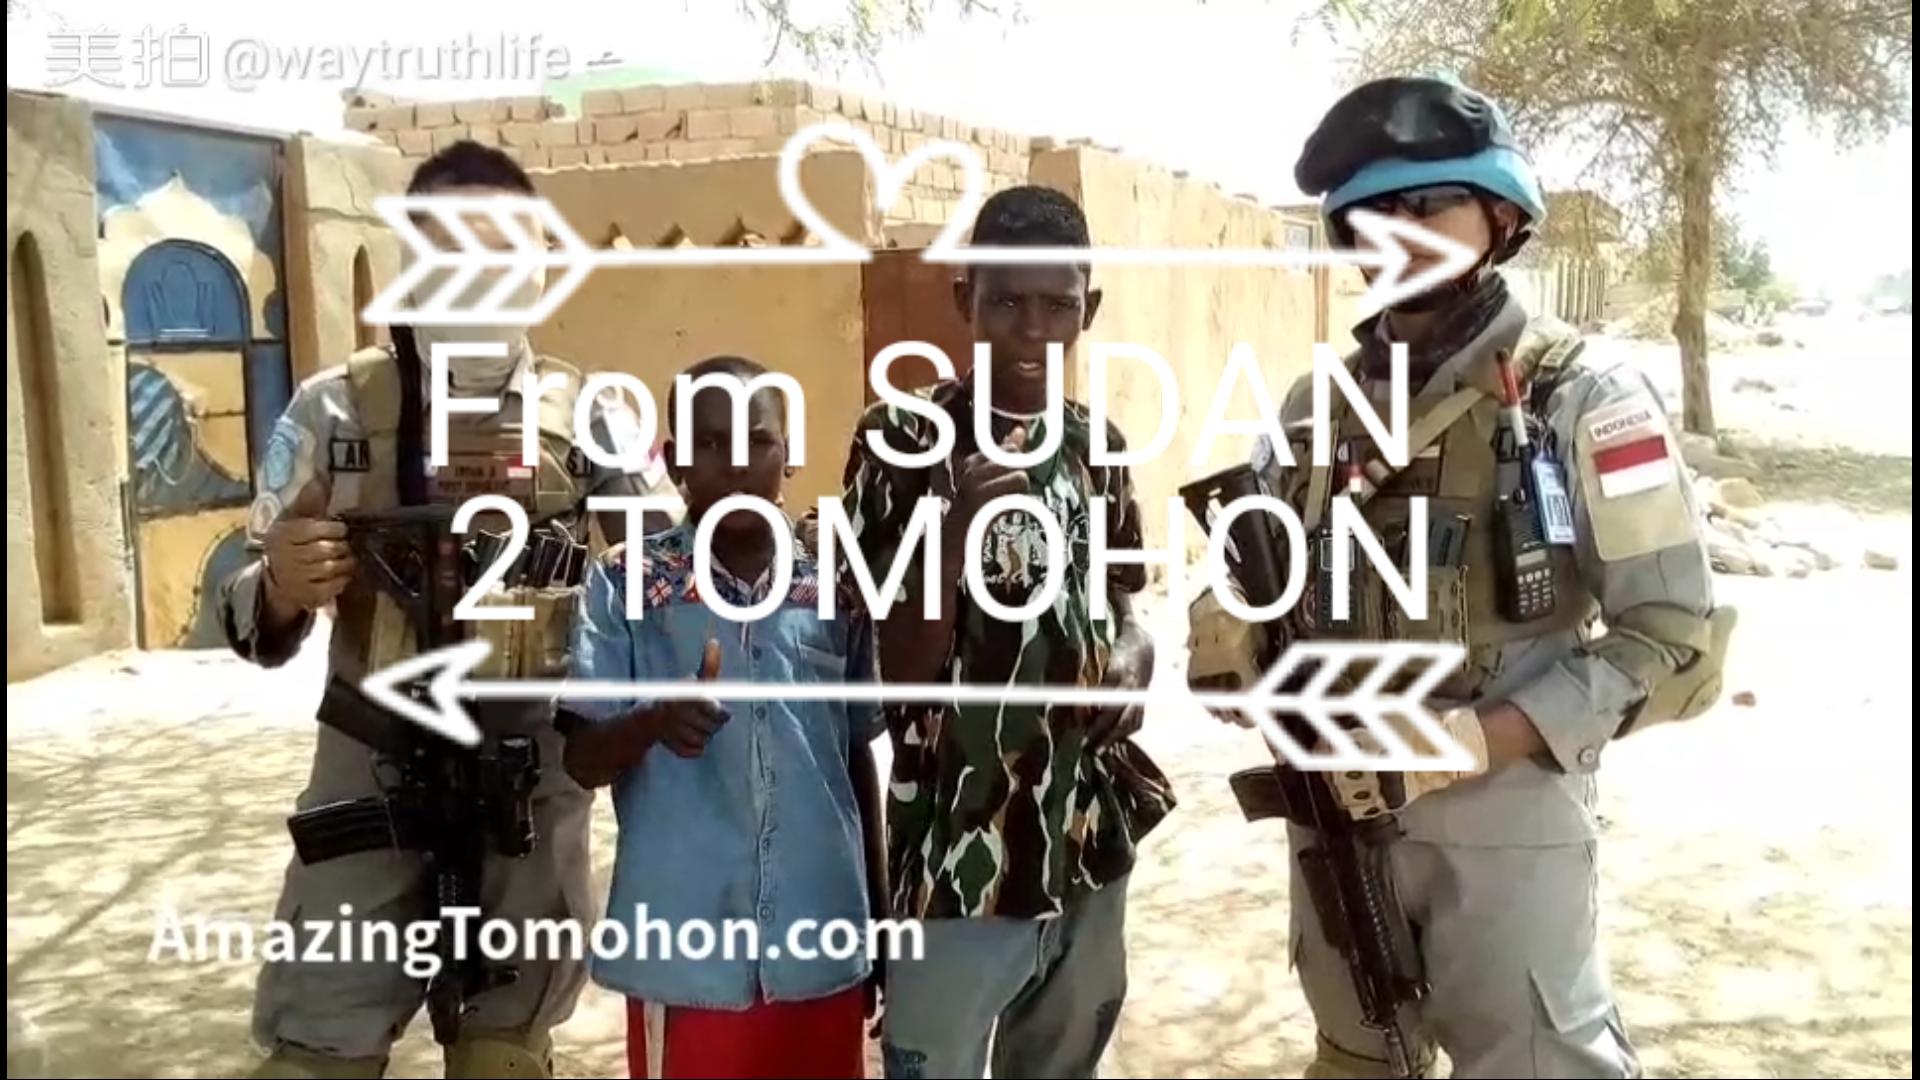 Orang Sudan Afrika bicara soal Tomohon, Bagaimana bisa? Apakah tanya google?